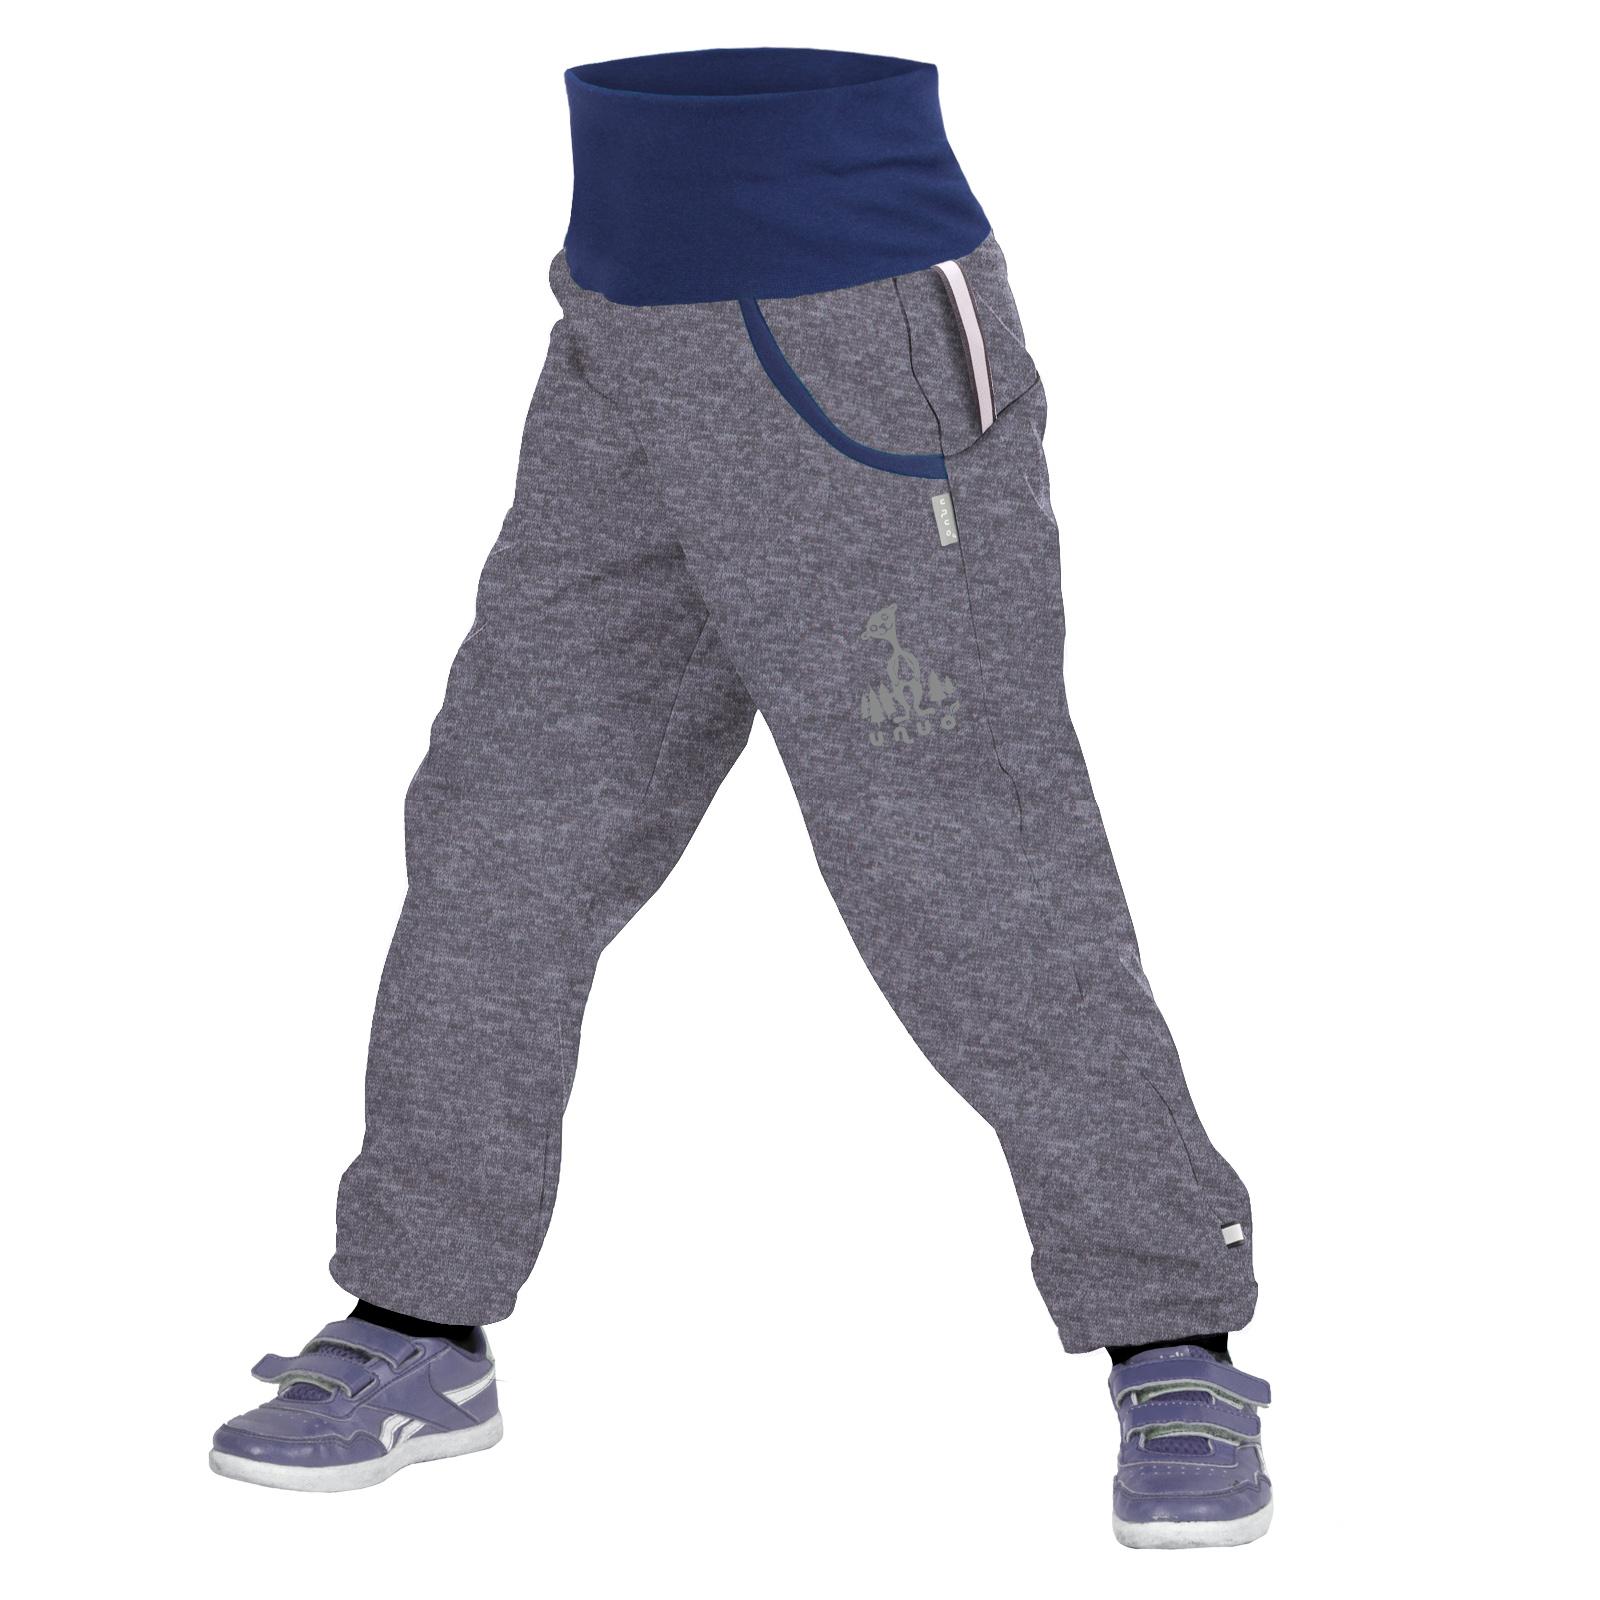 unuo softshellové kalhoty s fleecem Melír šedý + reflexní obrázek Evžen Velikost UNI (Size): 98/104